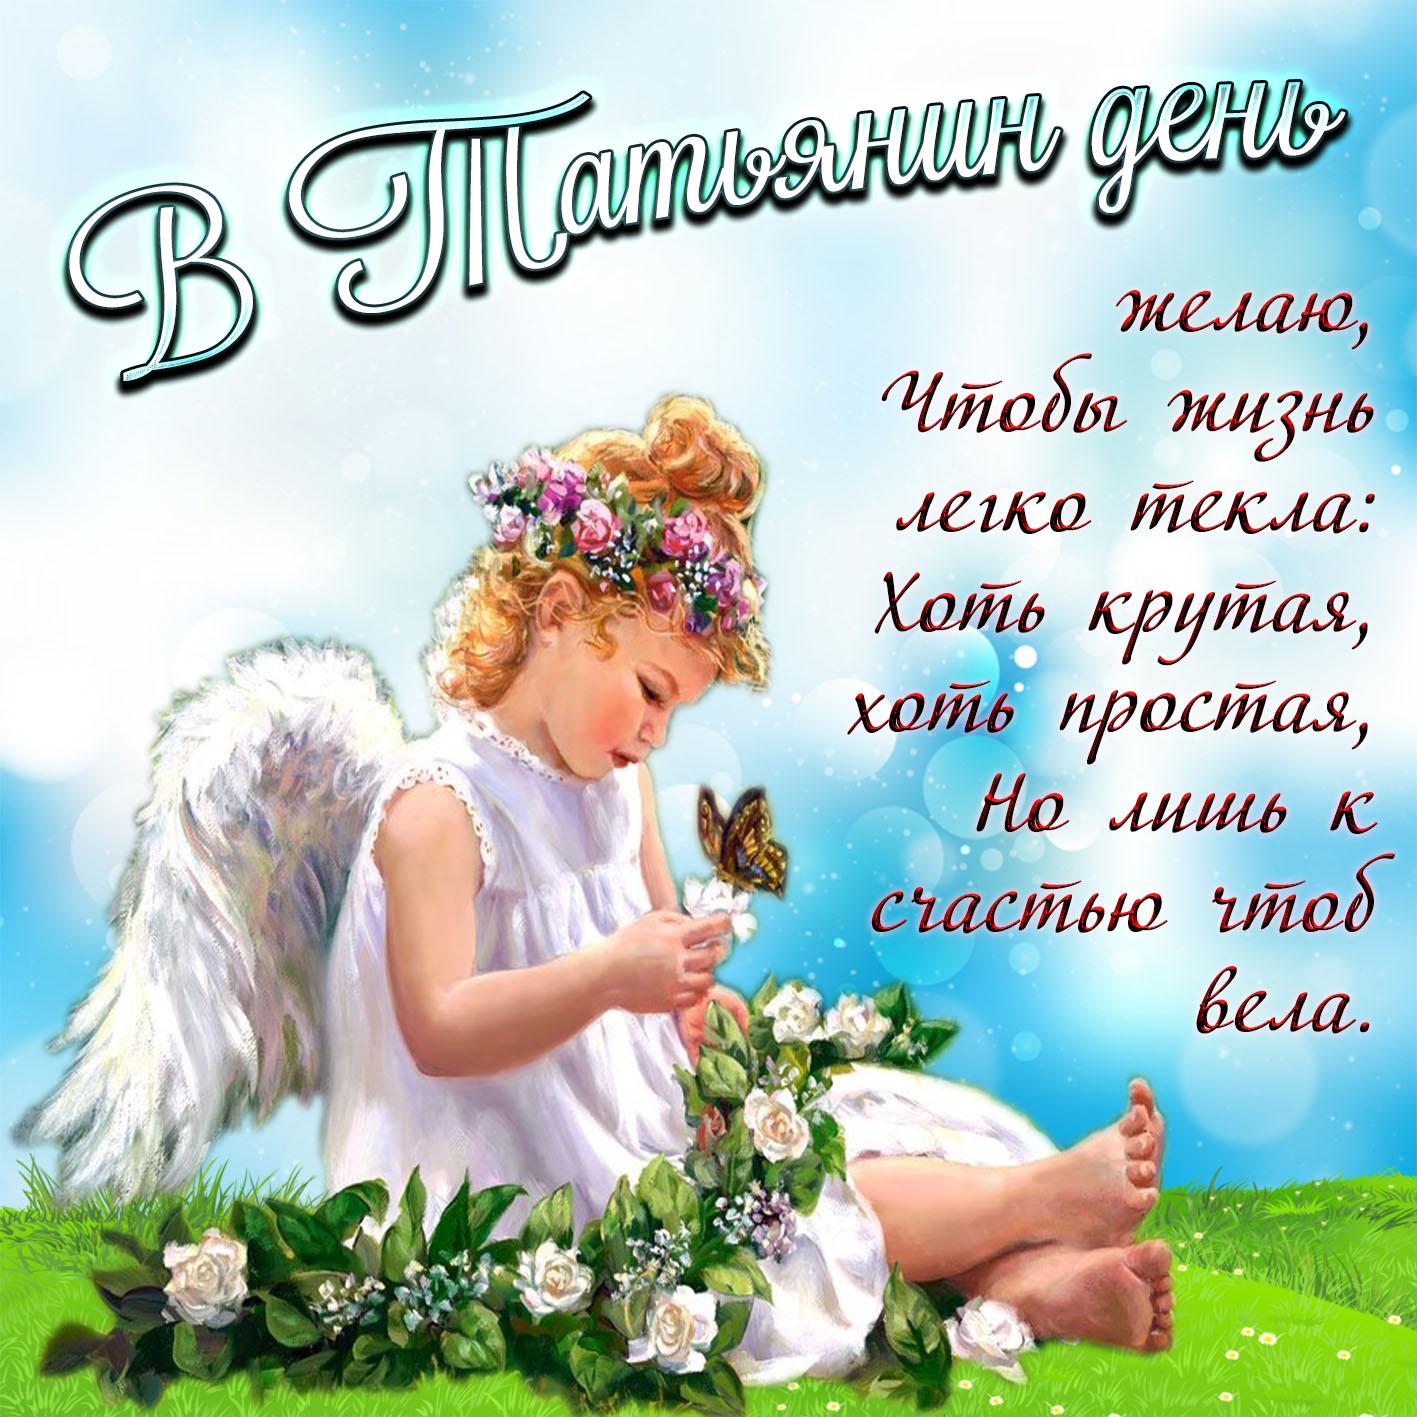 Открытка на Татьянин день с ангелочком